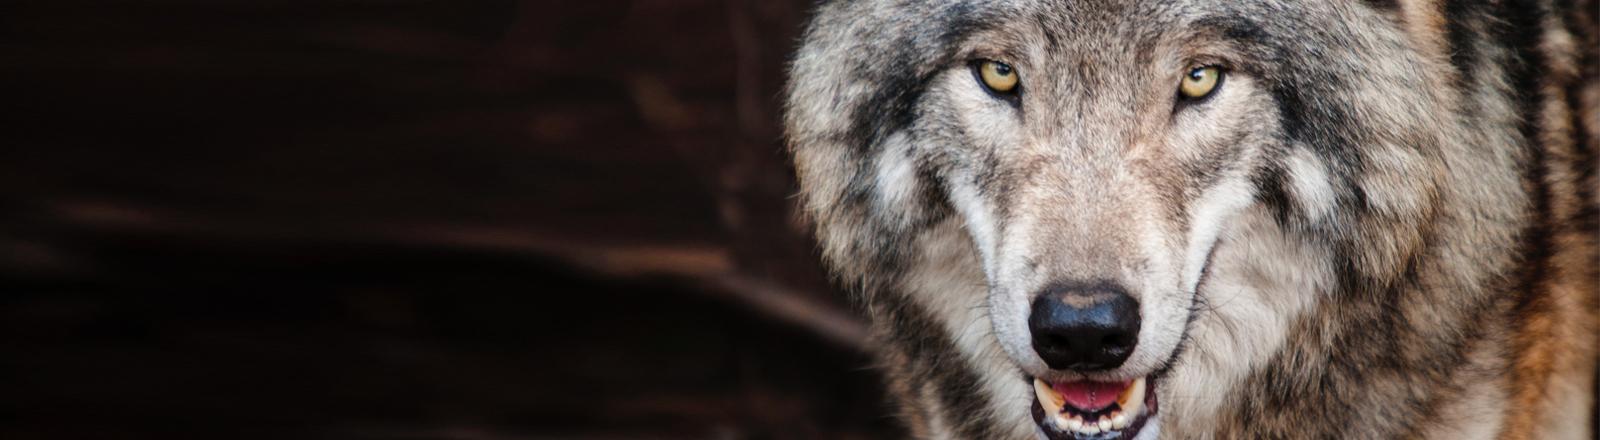 Ein Wolf in Nahaufnahme.